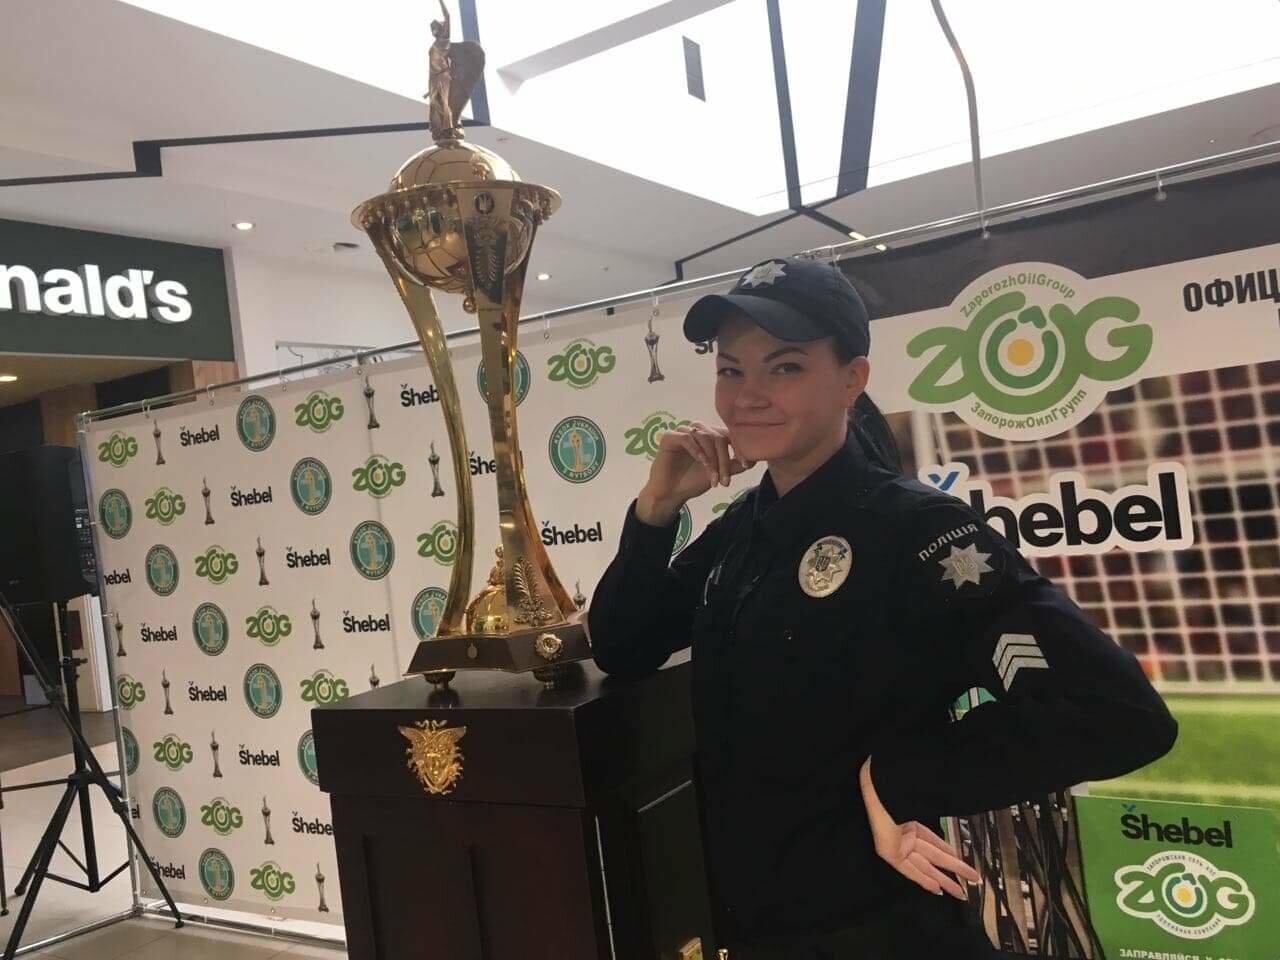 Главный футбольный трофей страны выставили в запорожском торговом центре, - ФОТО, фото-2